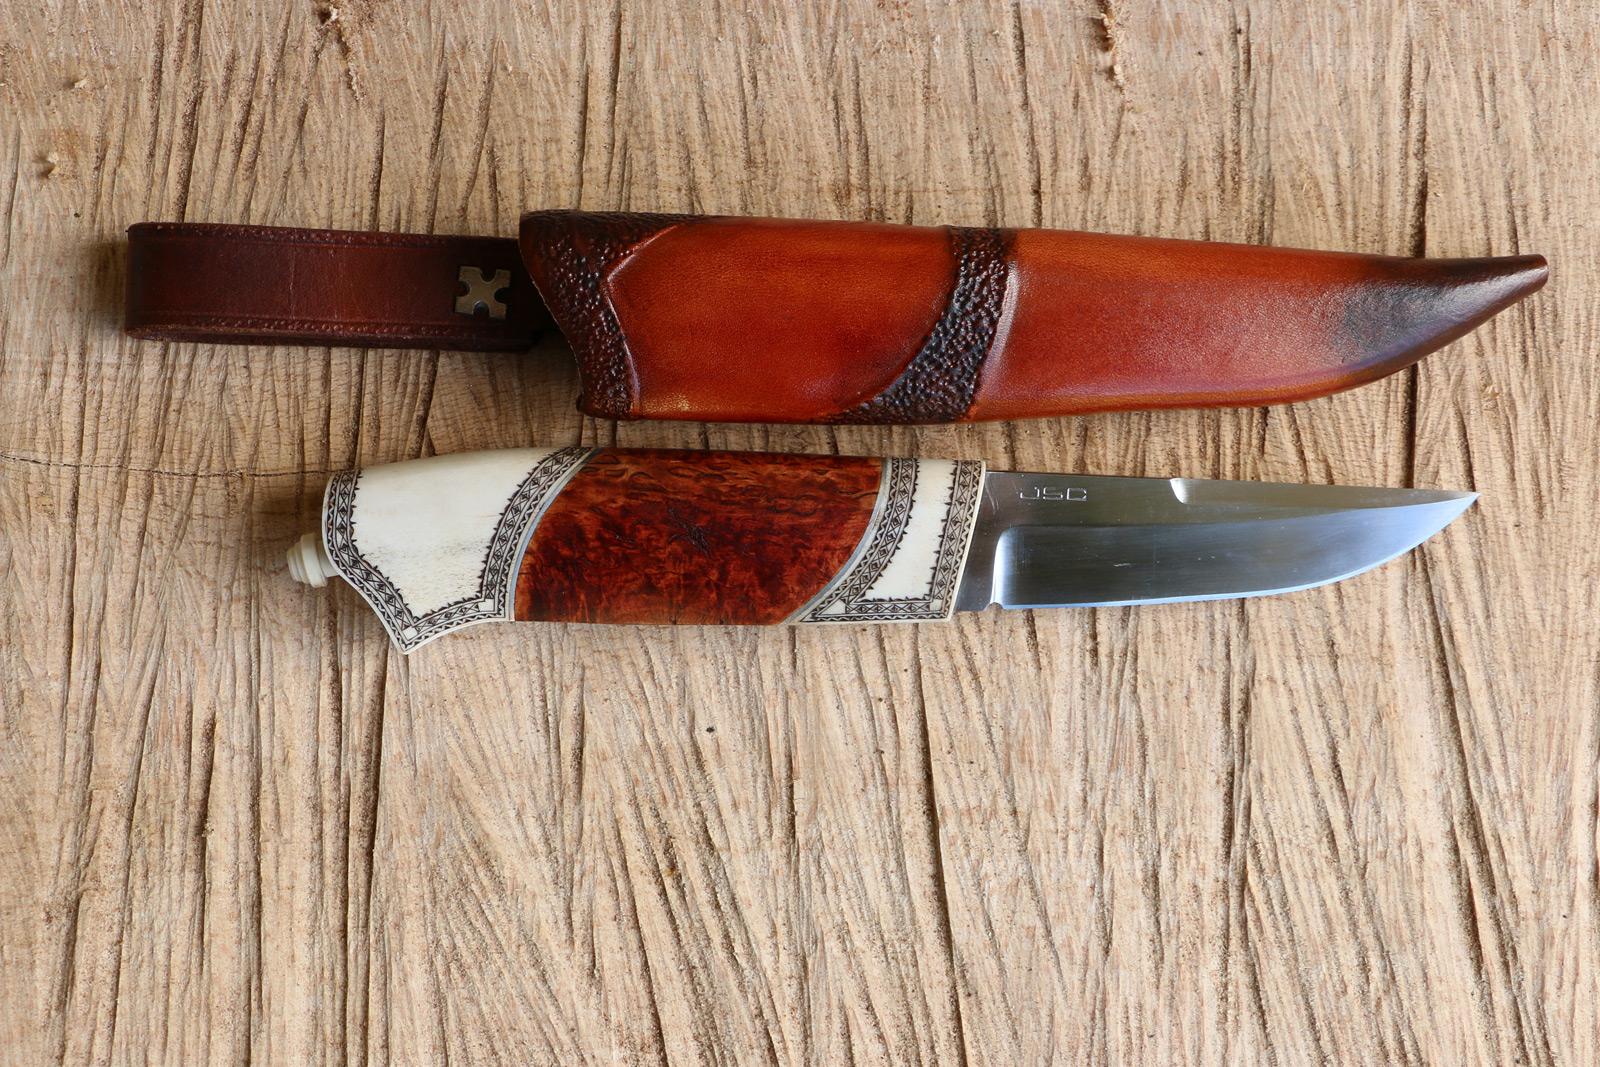 JSC Knife #368(b) - French Lace